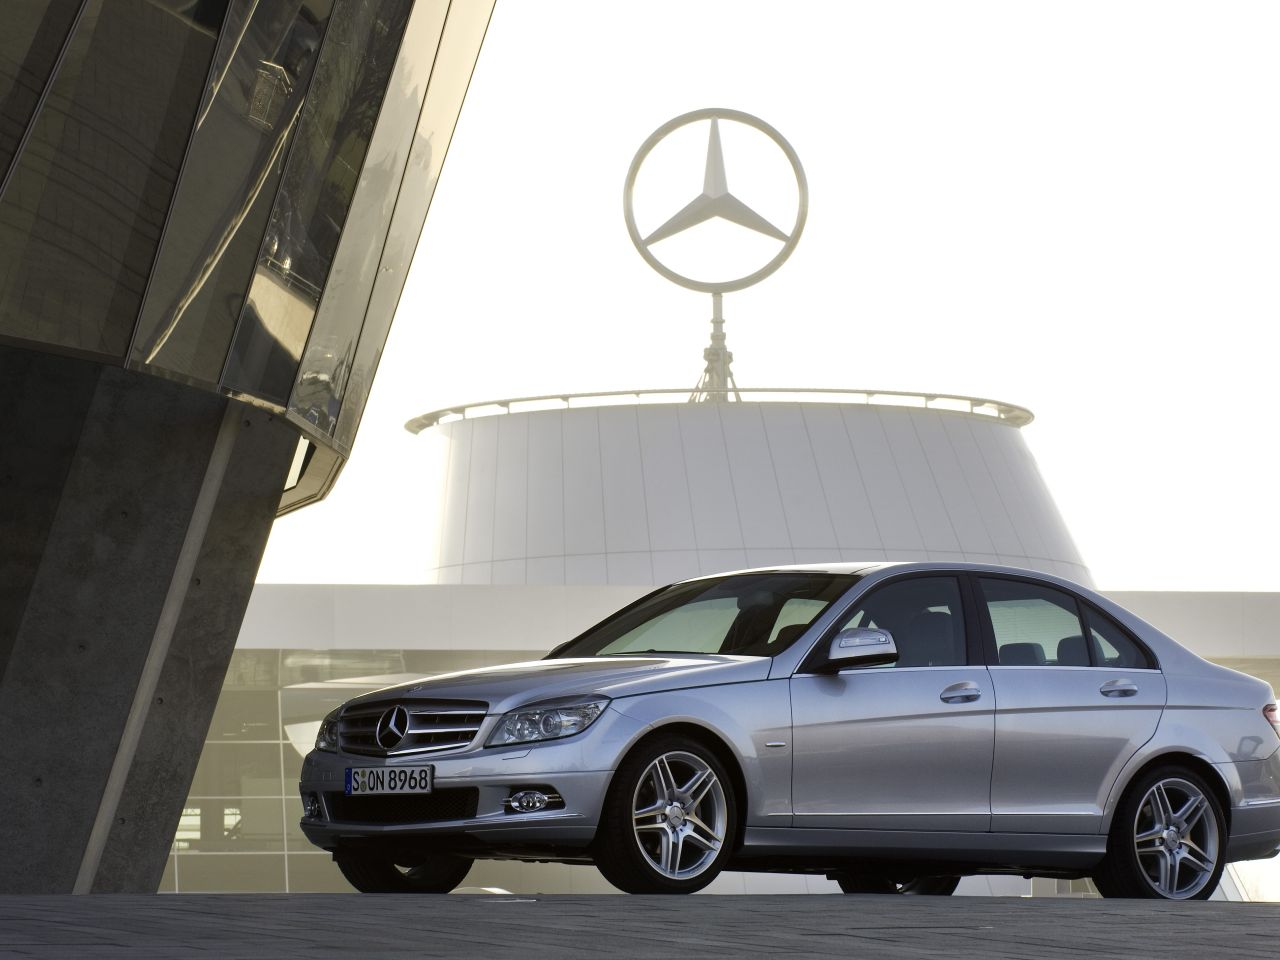 Mercedes_C-klasse_2007.jpg